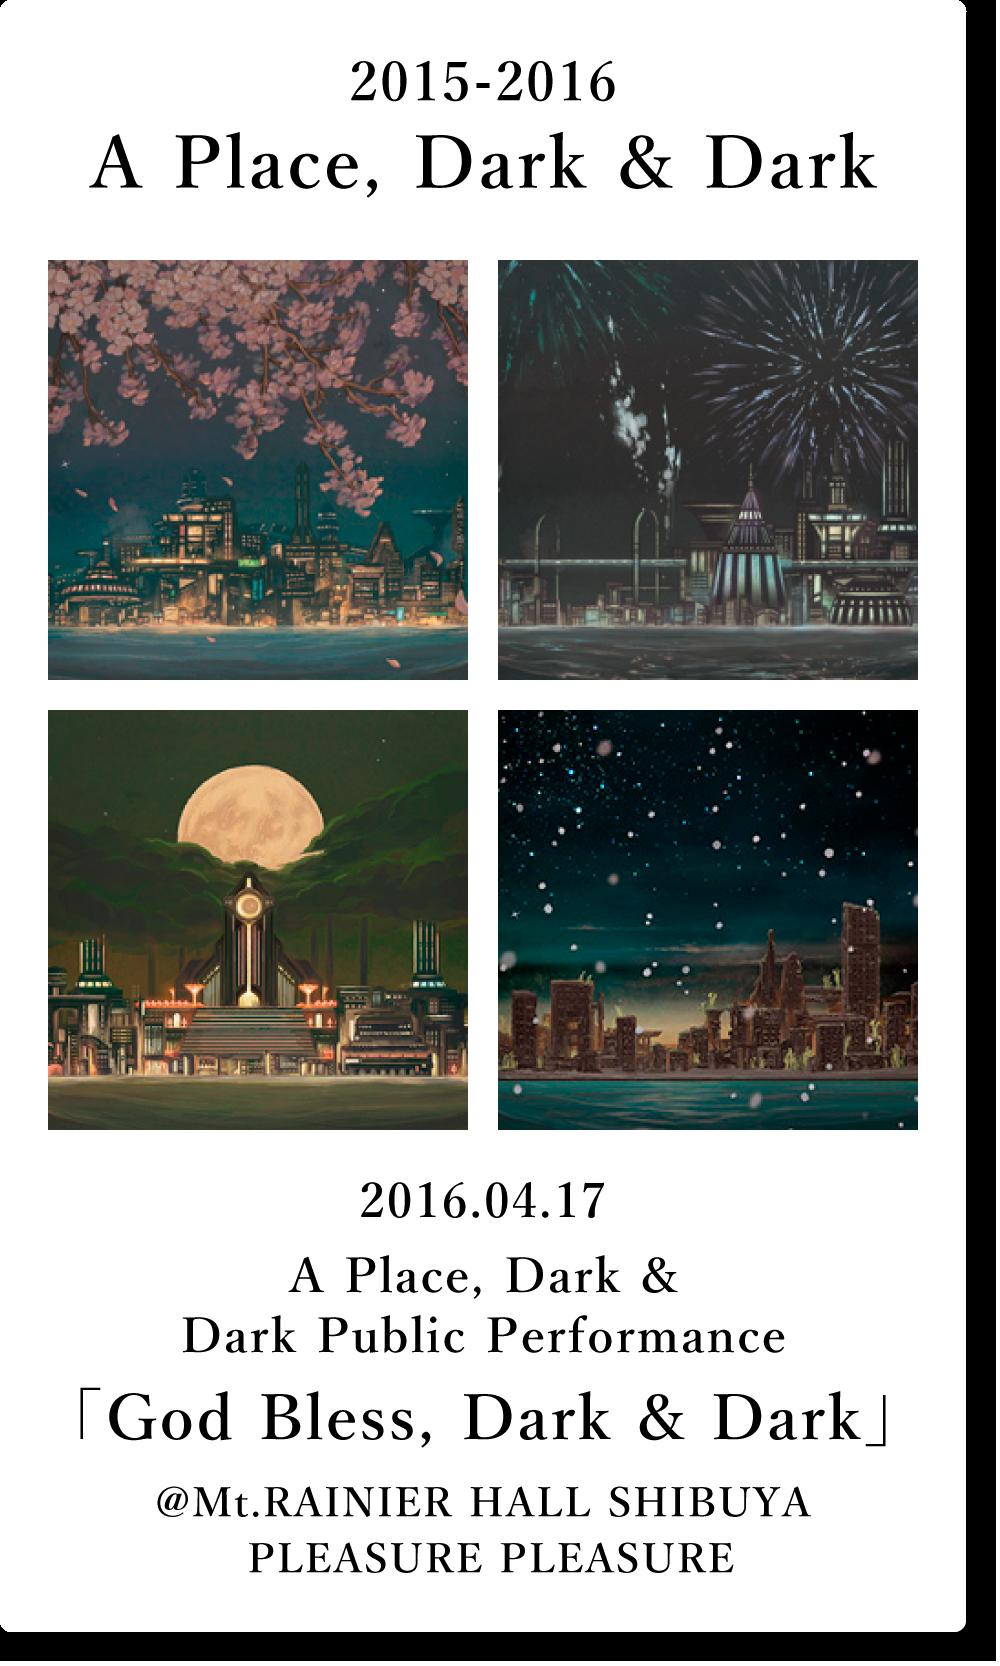 A Place, Dark & Dark